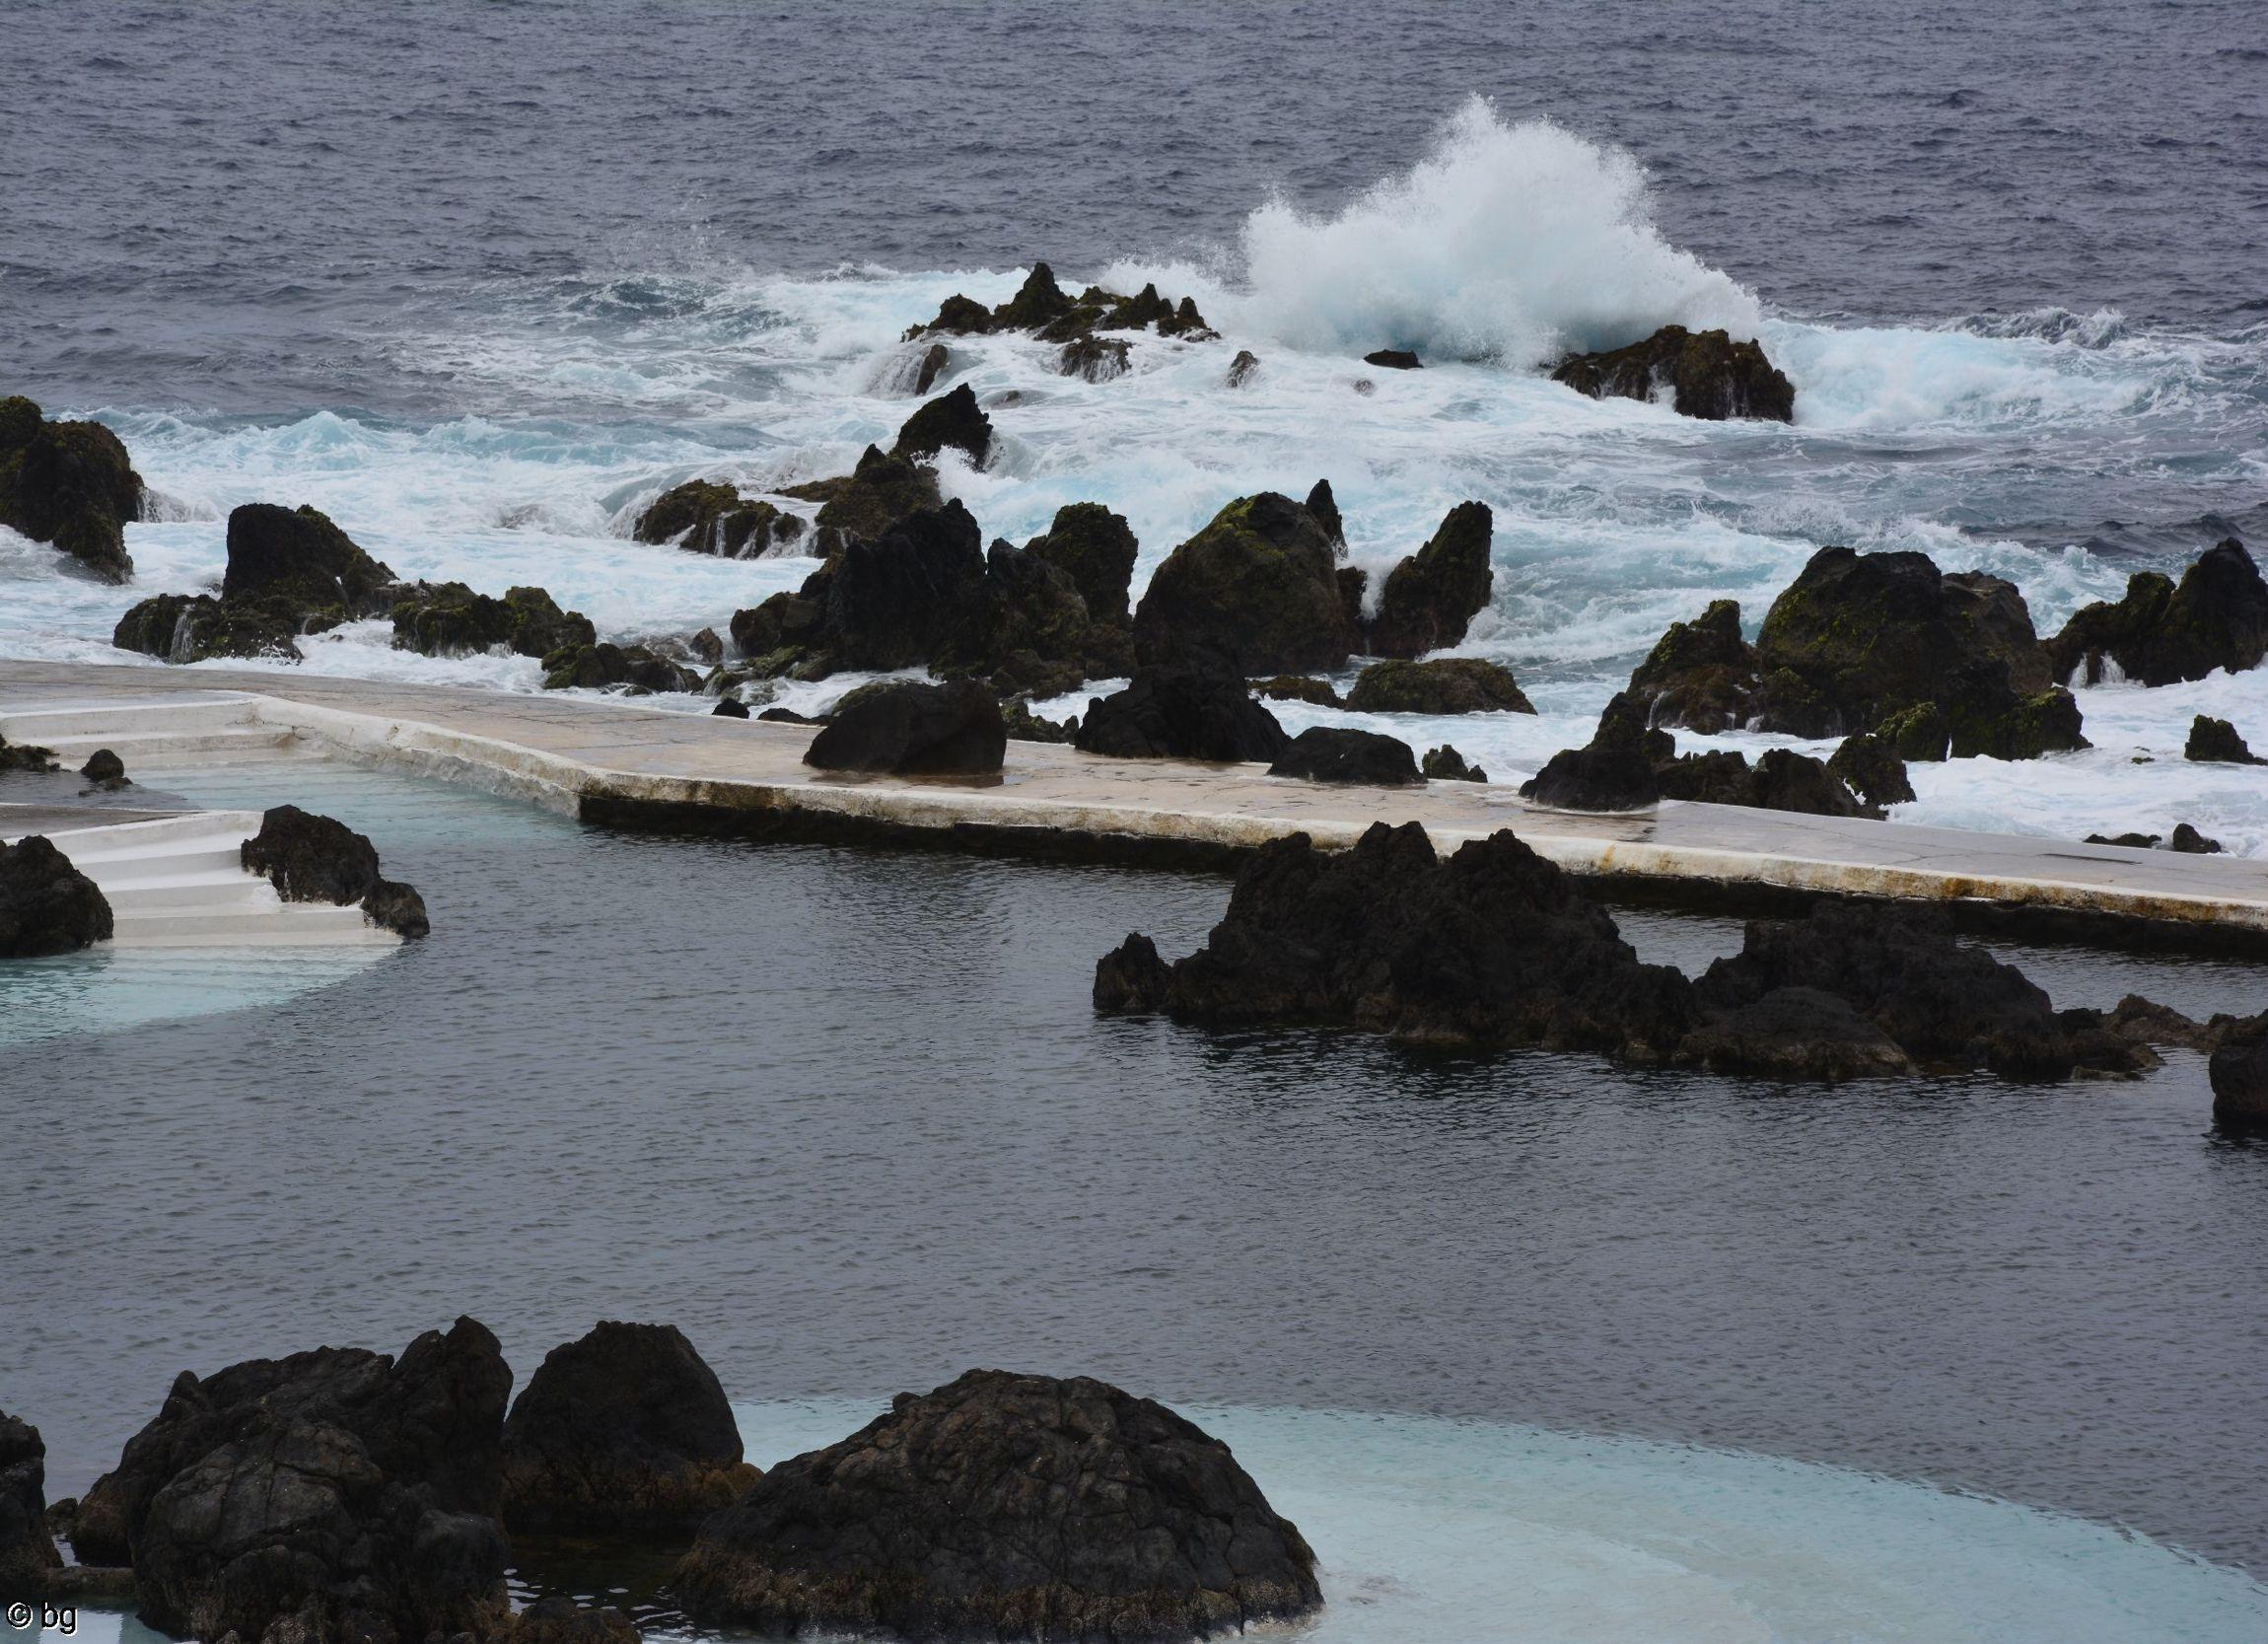 piscinas-naturals-madere-porto-moniz-5